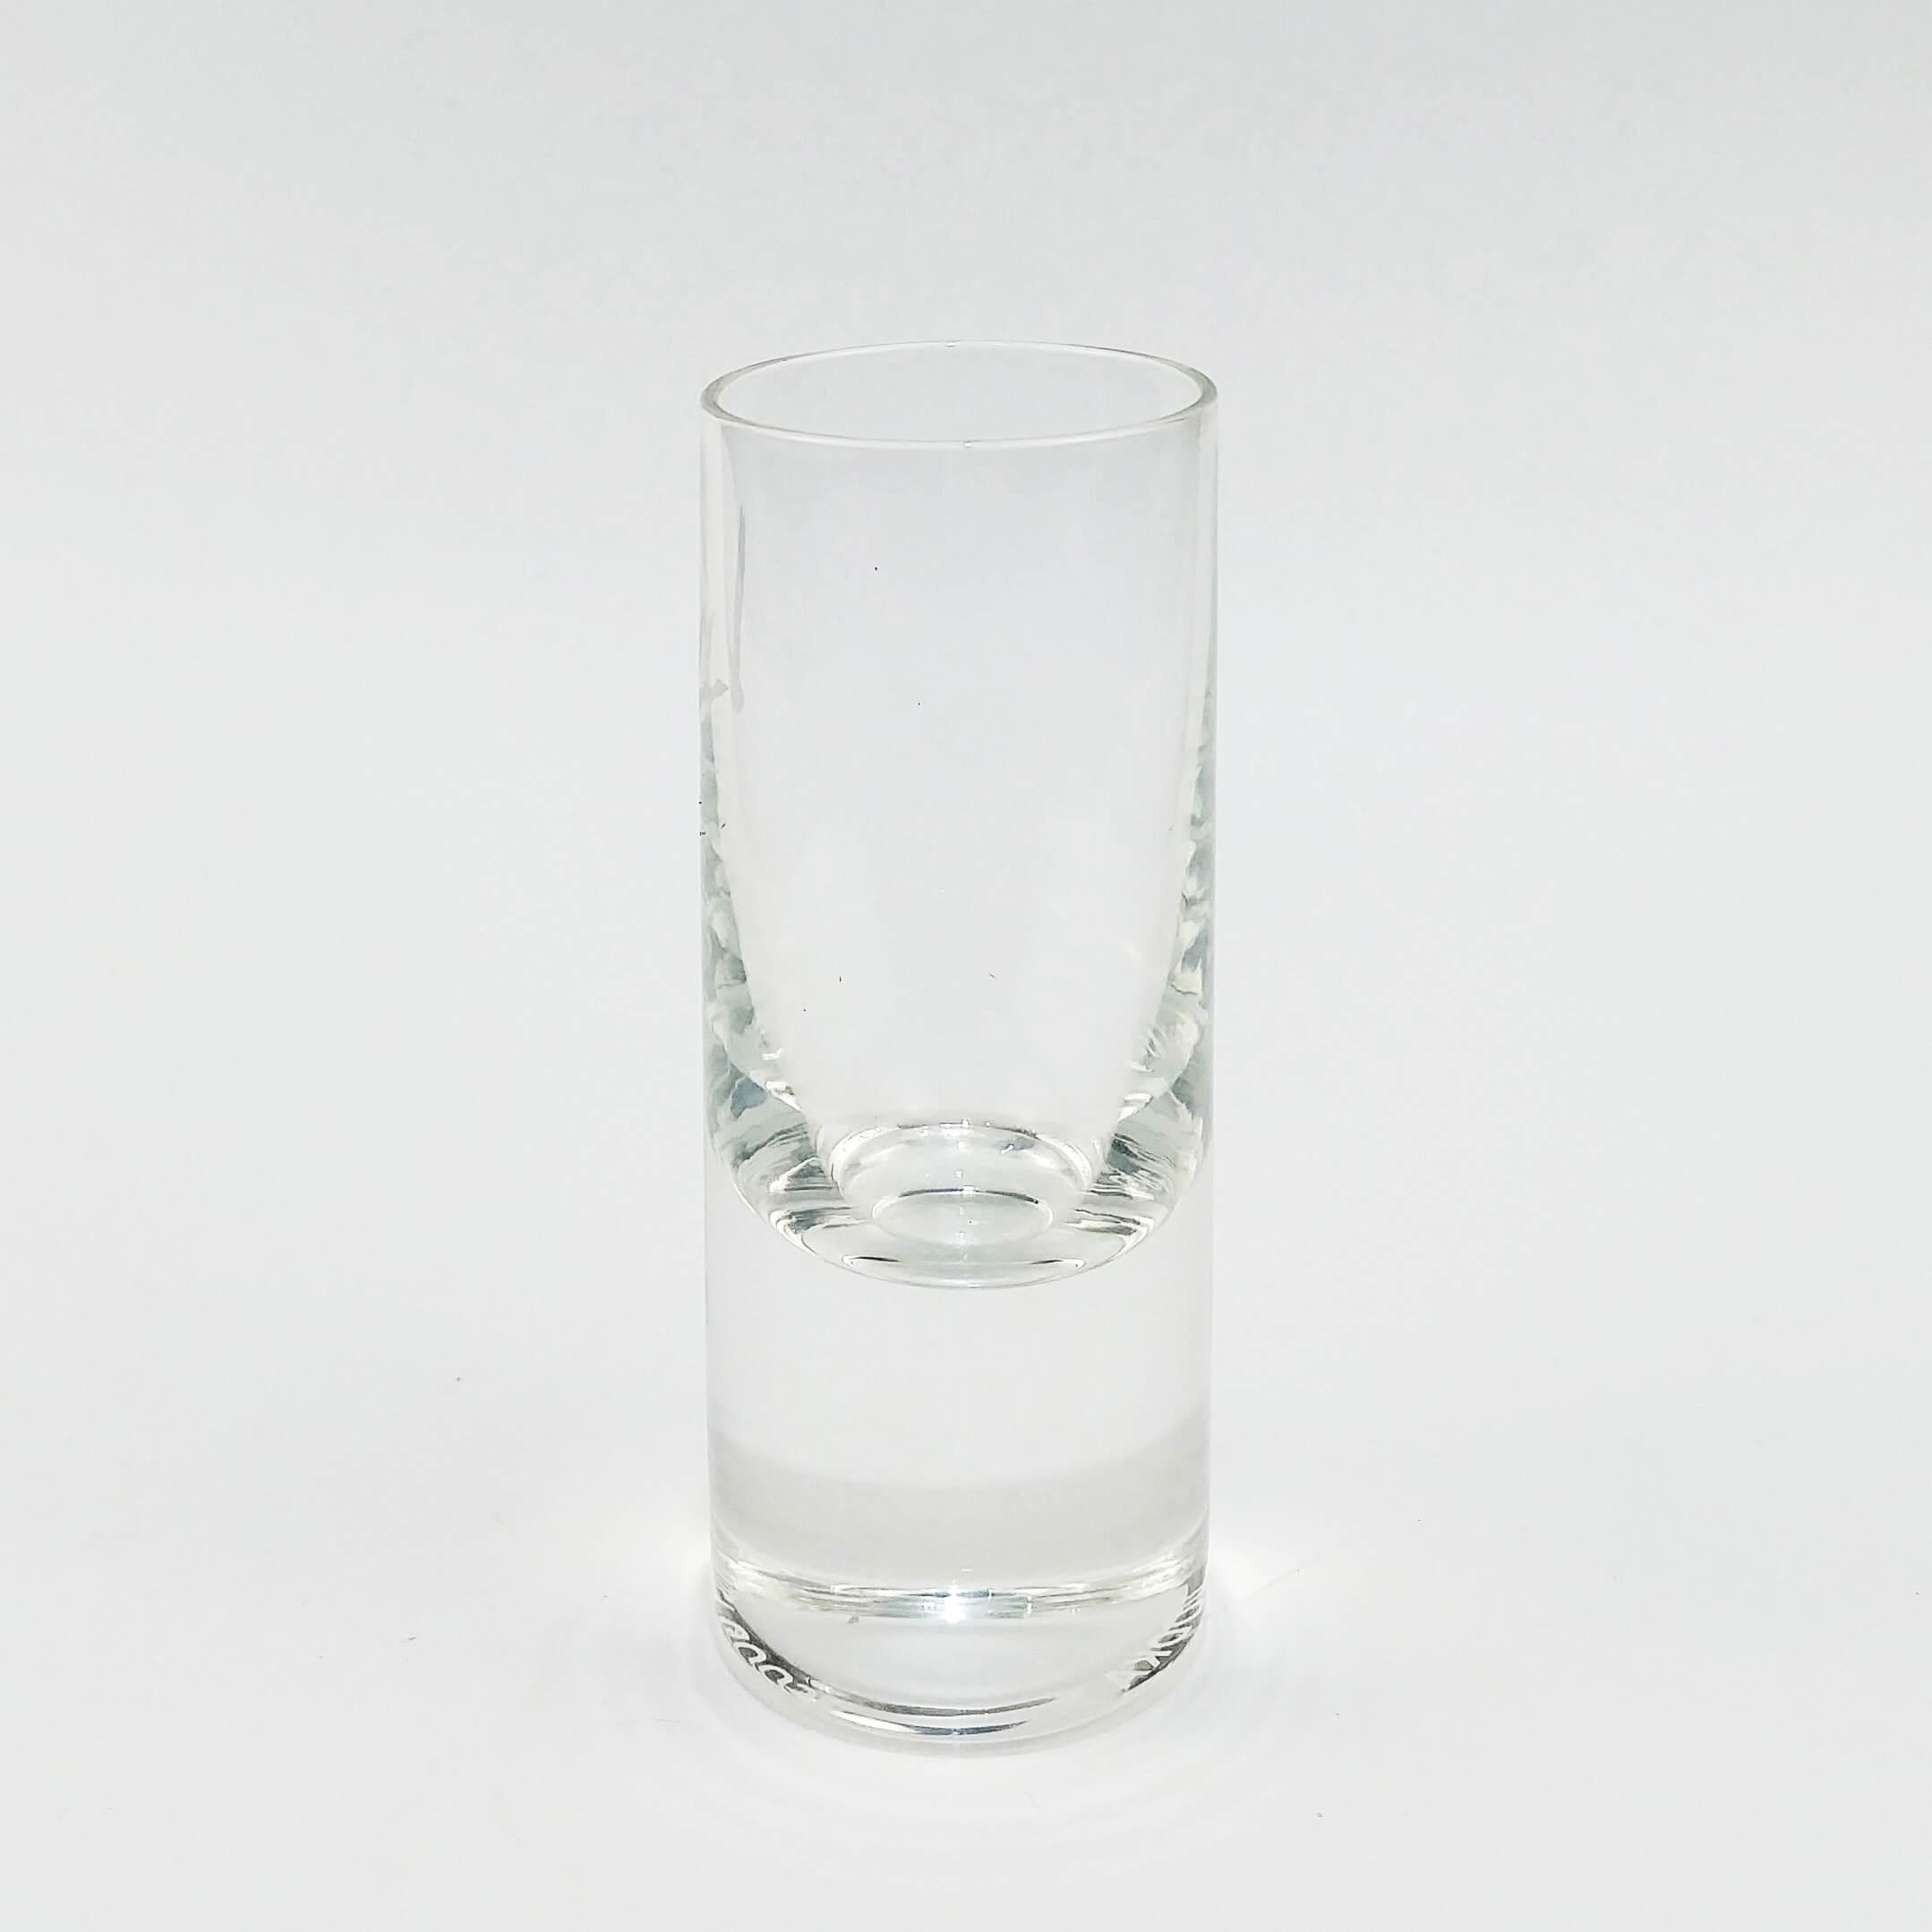 旅行袋, 玻璃, 玻璃杯, 禮品, 訂造, 訂製, gift and premium, 商務禮品, 威士忌杯, 杯, 企業禮品, Shot Glass, Glass,